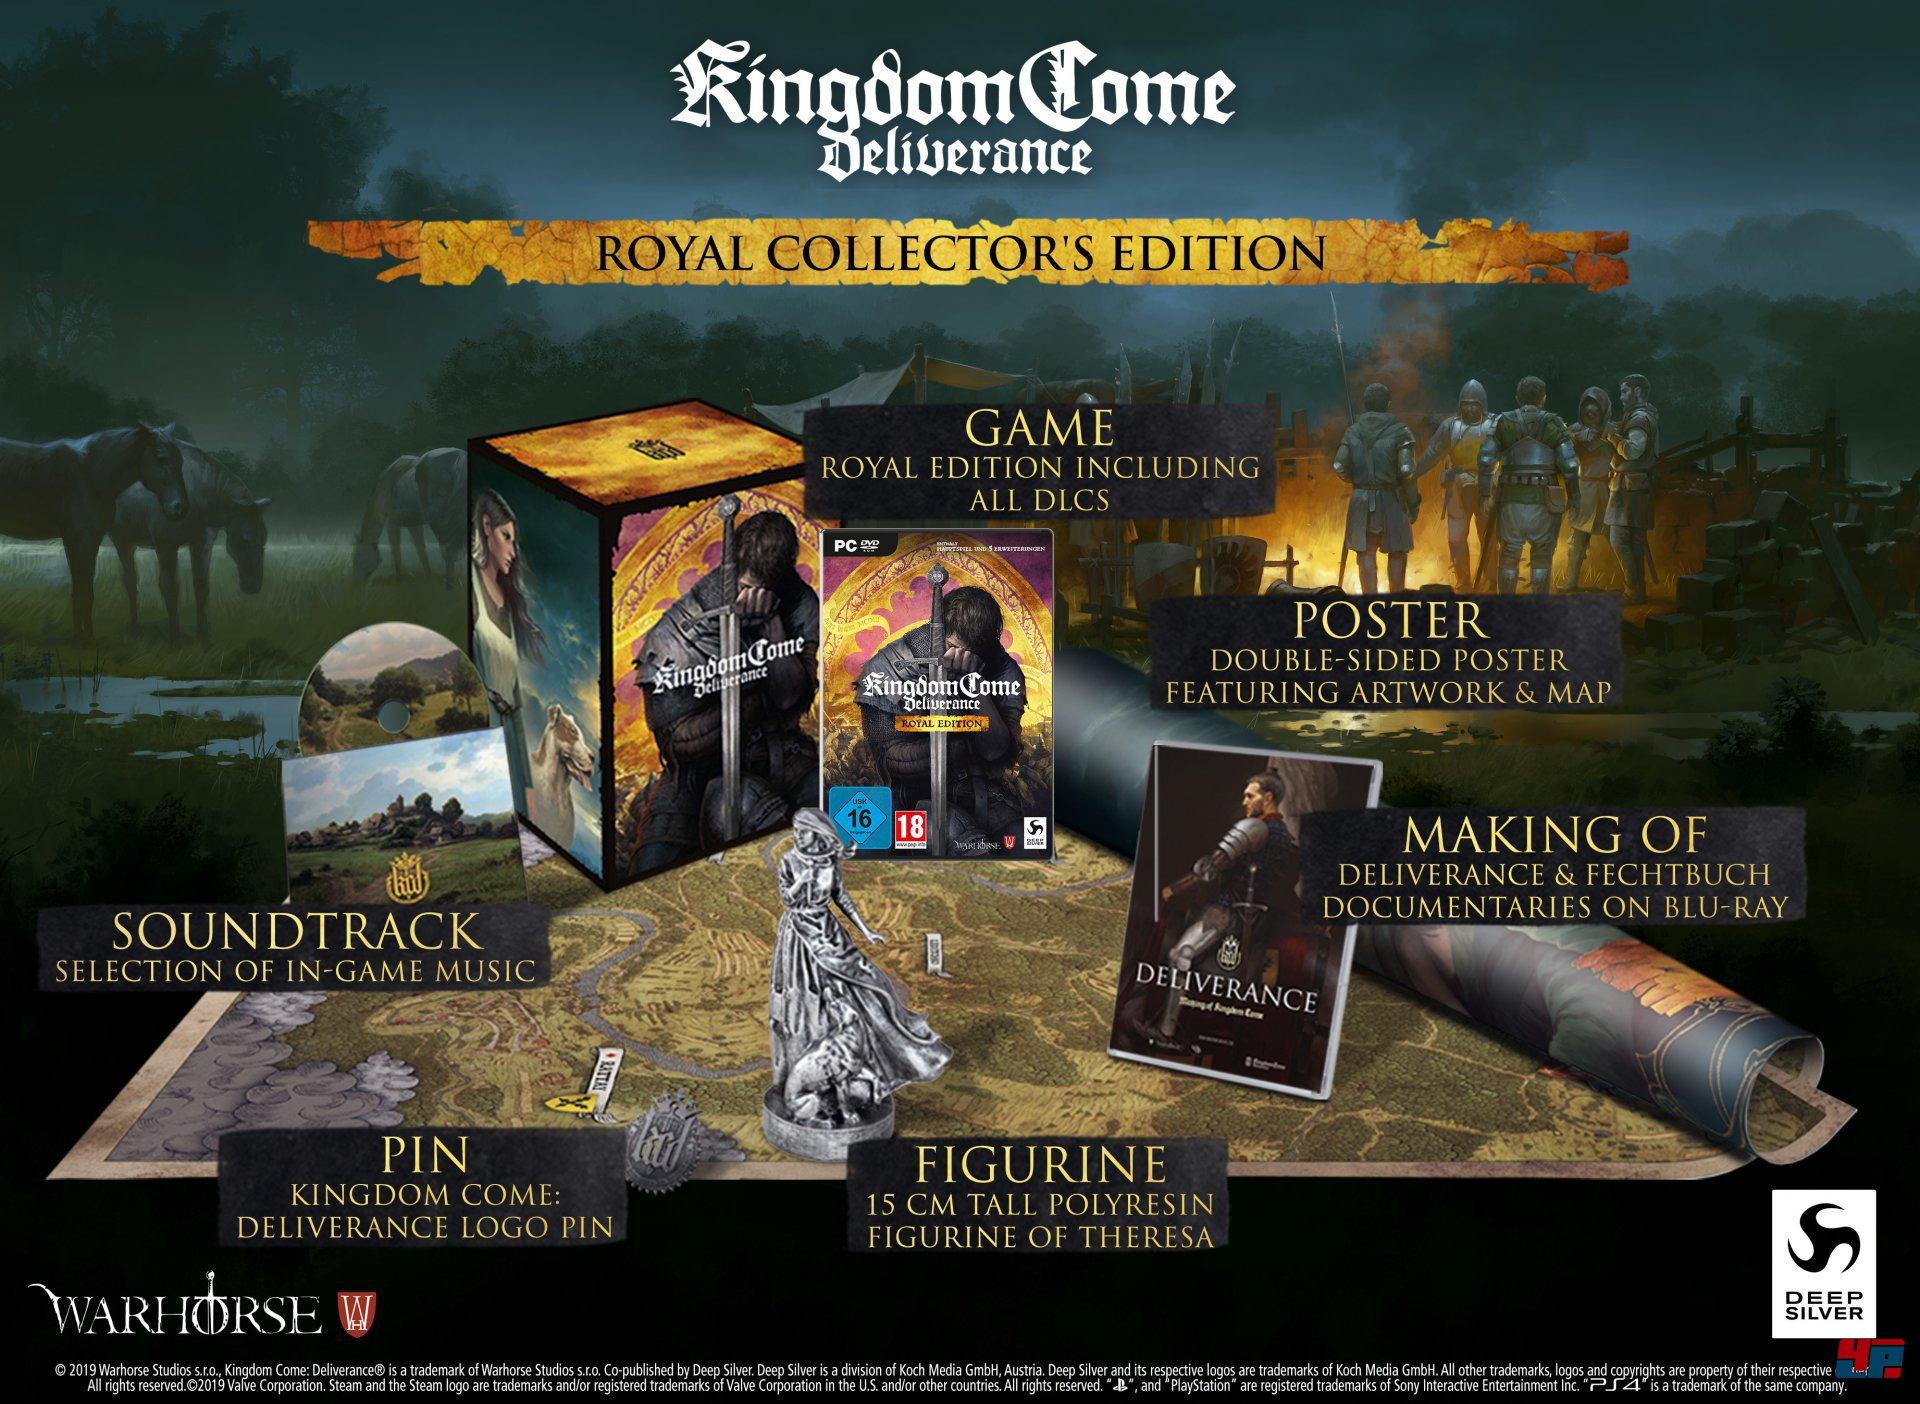 kingdom come special edition rüstung